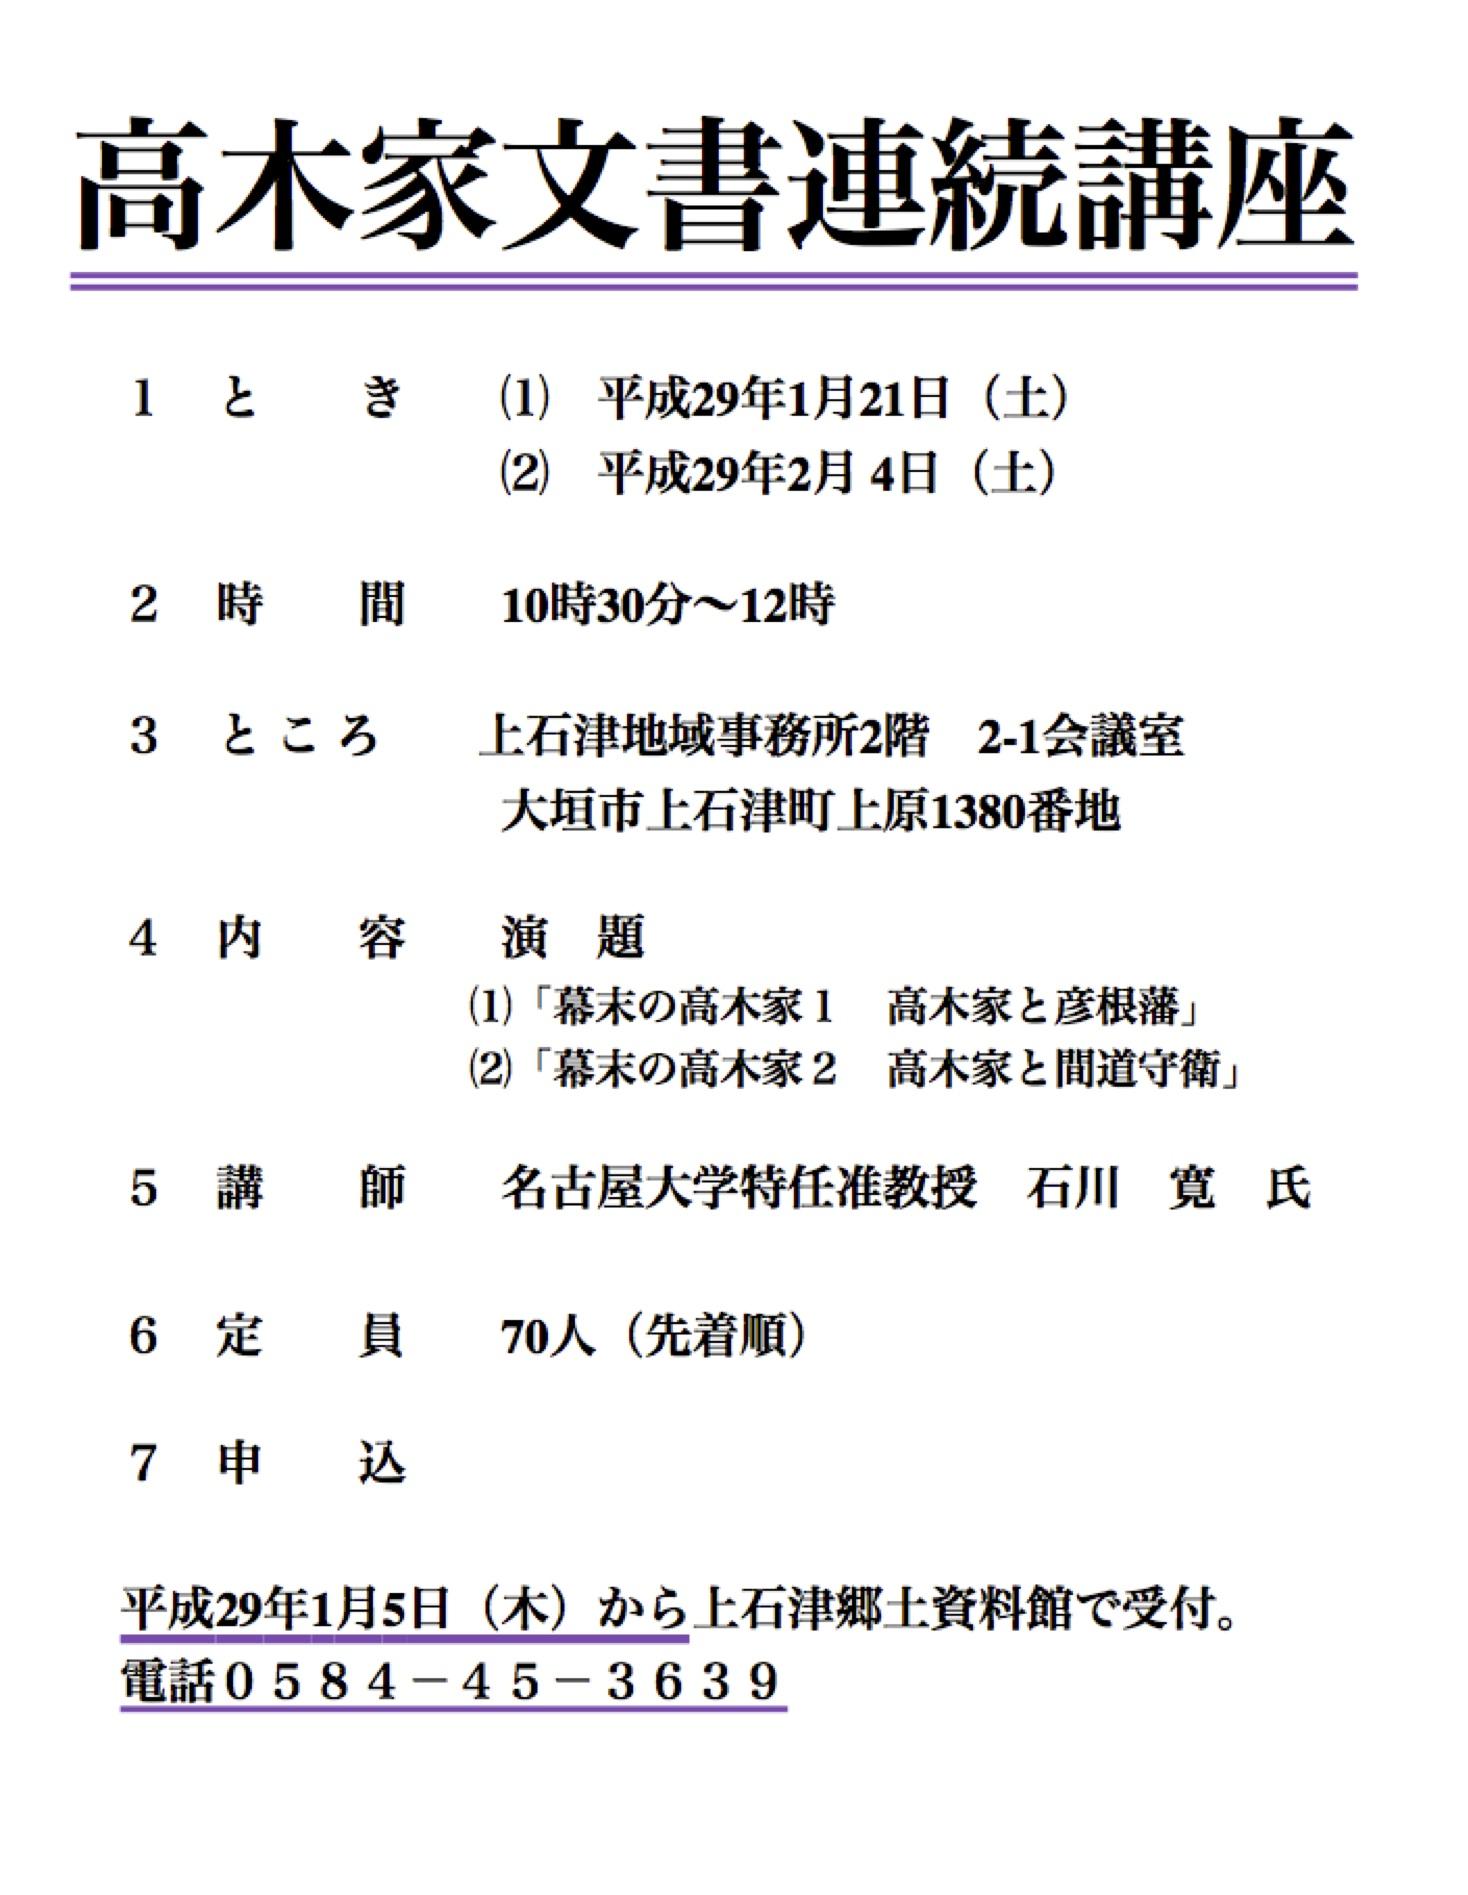 「高木家文書連続講座」開催のイメージ